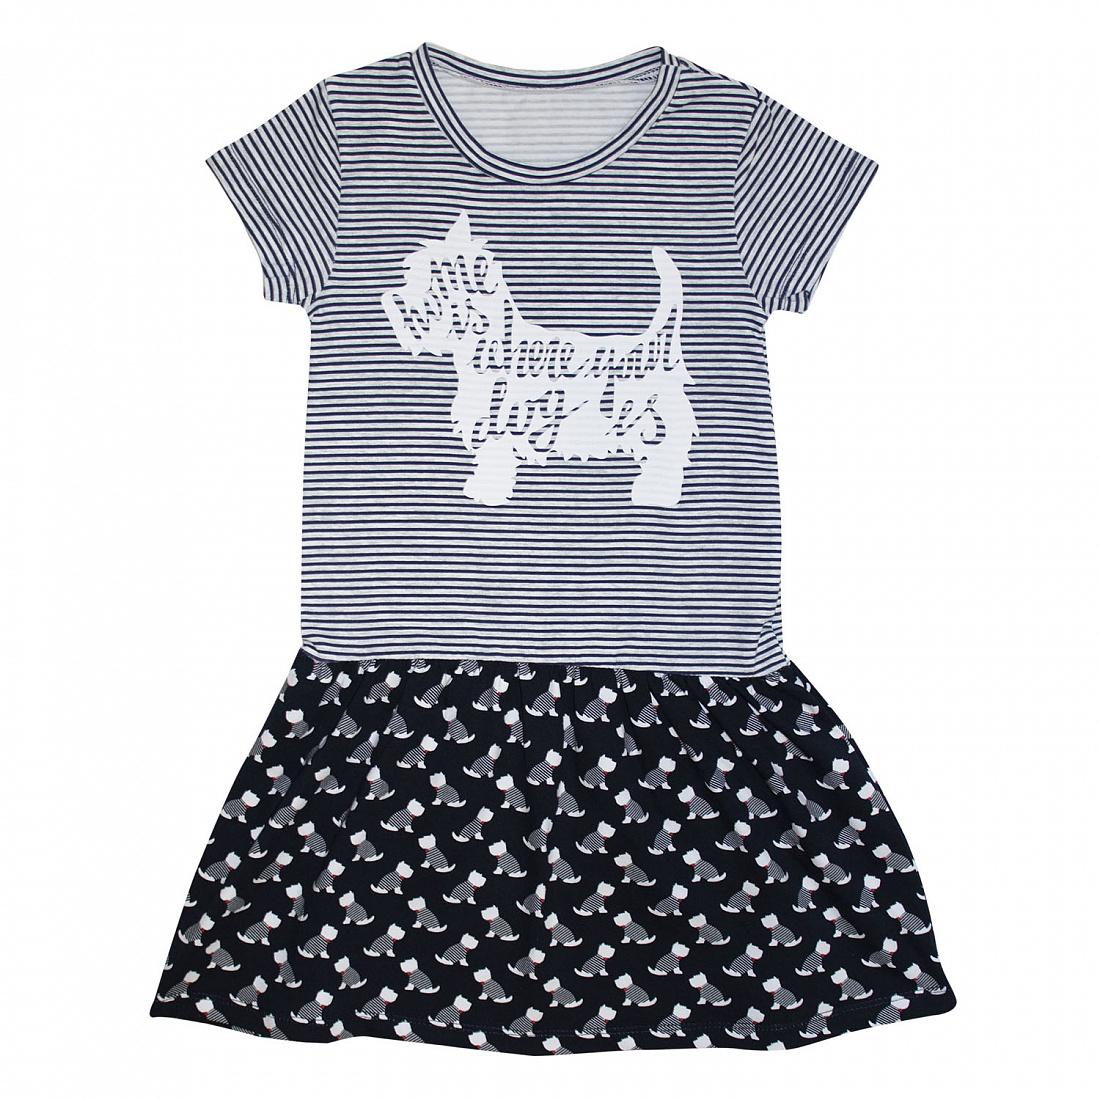 Купить 609к/л ап, Платье детское Юлла, цв. белый; черный р.104, Платья для девочек